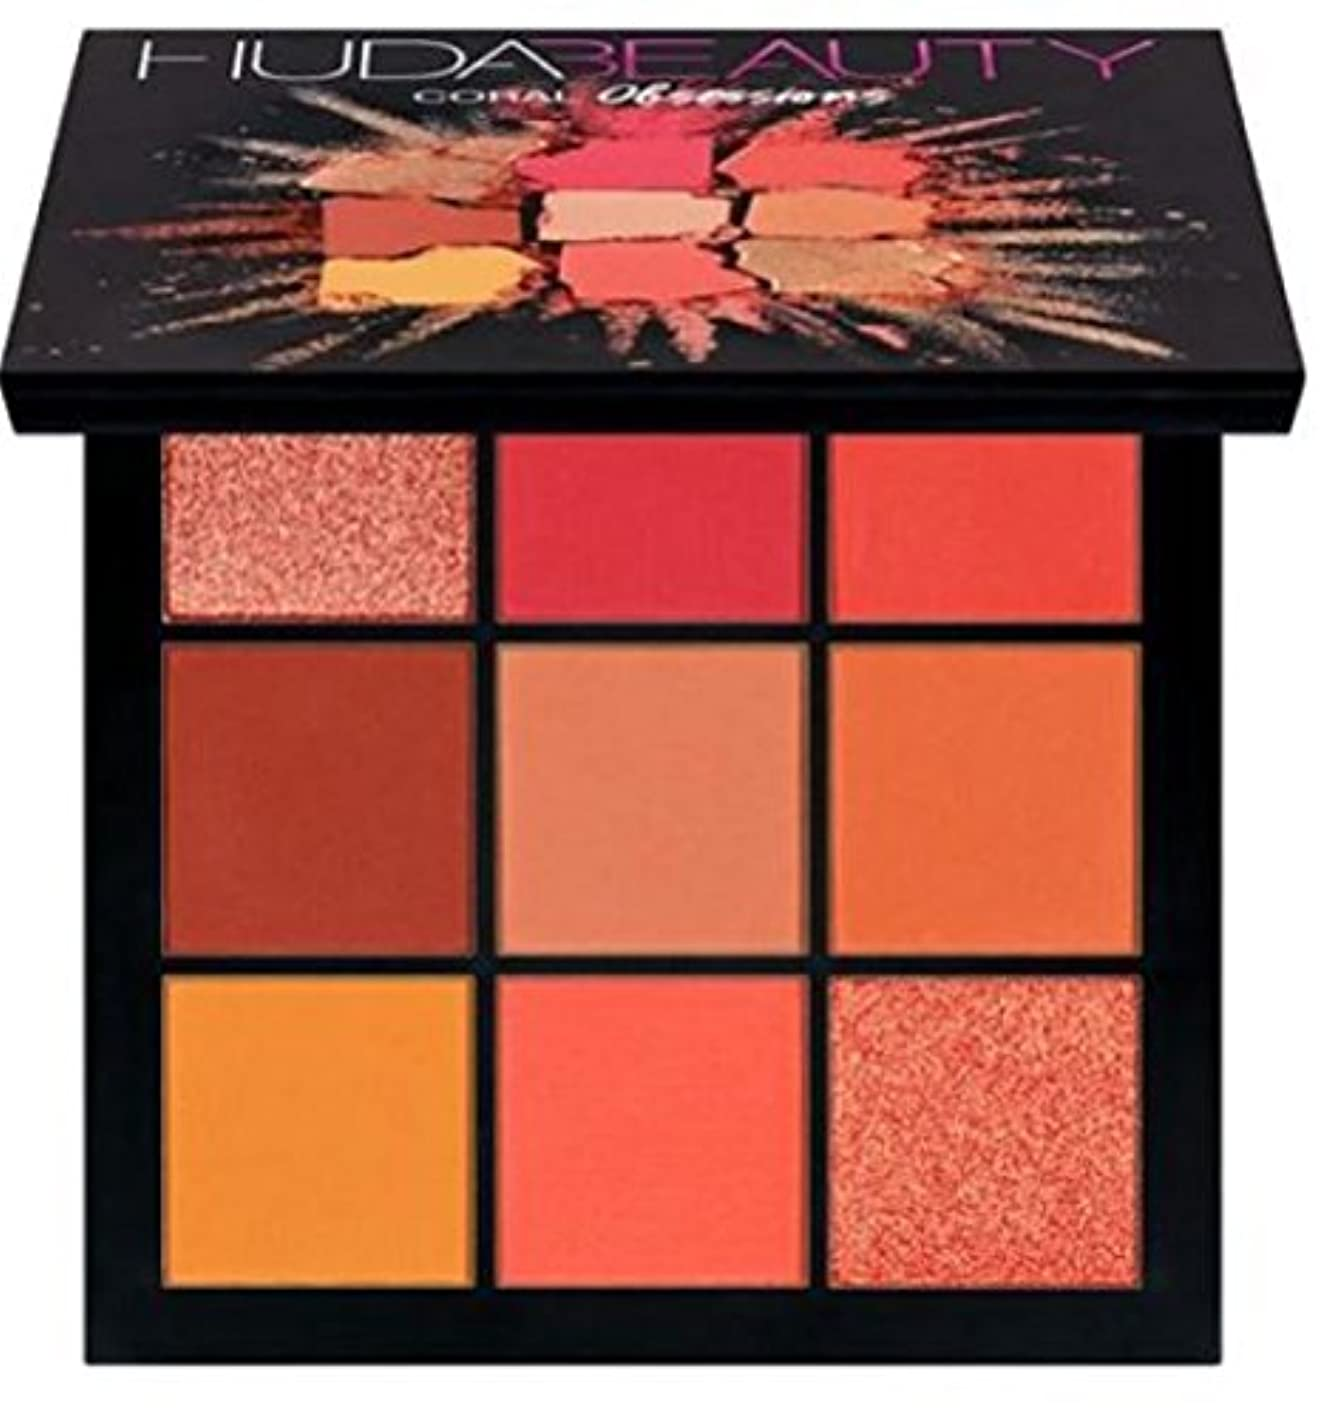 野菜膨らみ別れるExclusive NEW Huda Beauty Coral Obsessions Eyeshadow Palette